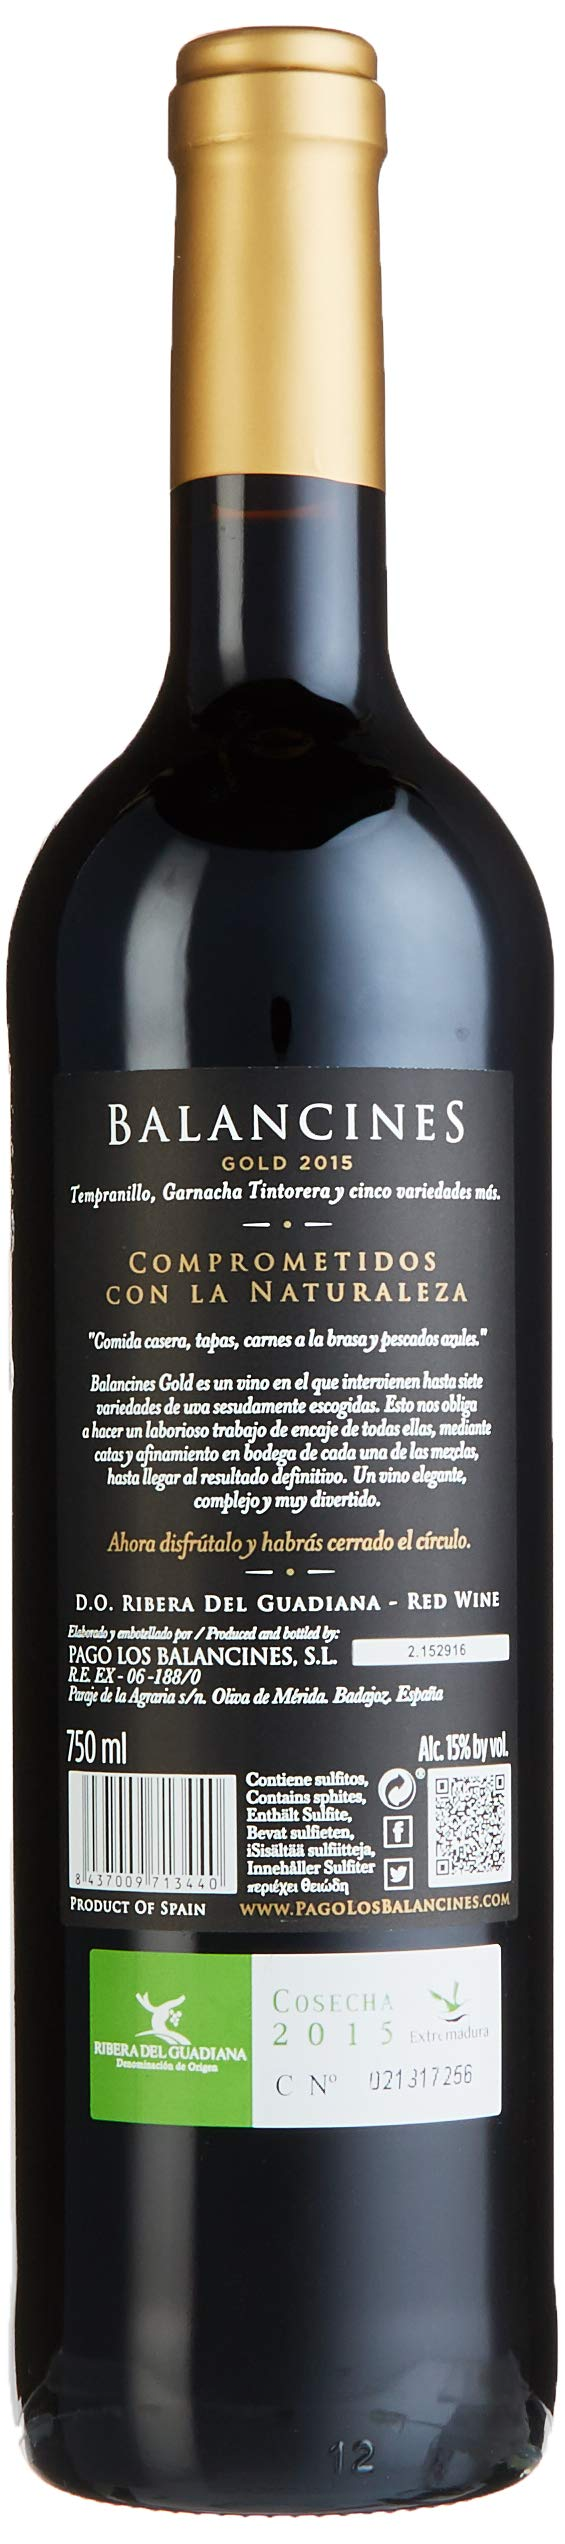 Pago-Los-Balancines-Gold-Tempranillo-2015-trocken-6-x-075-l